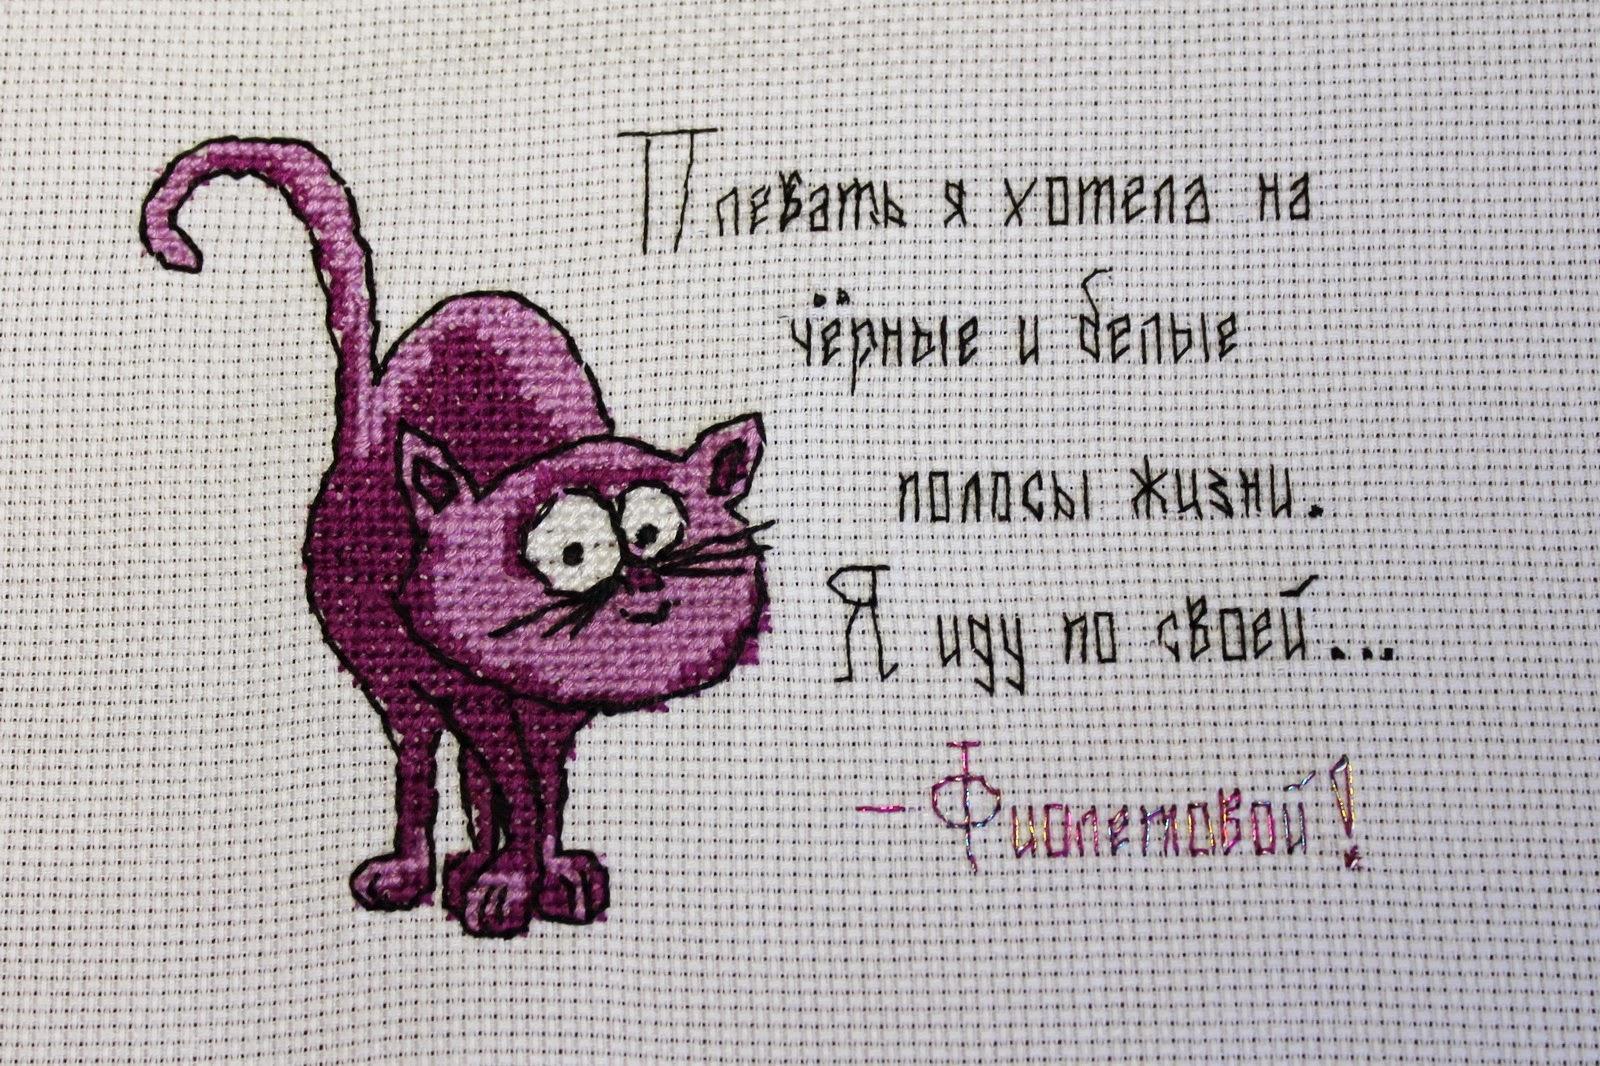 Картинки, картинка с надписью а мне фиолетово